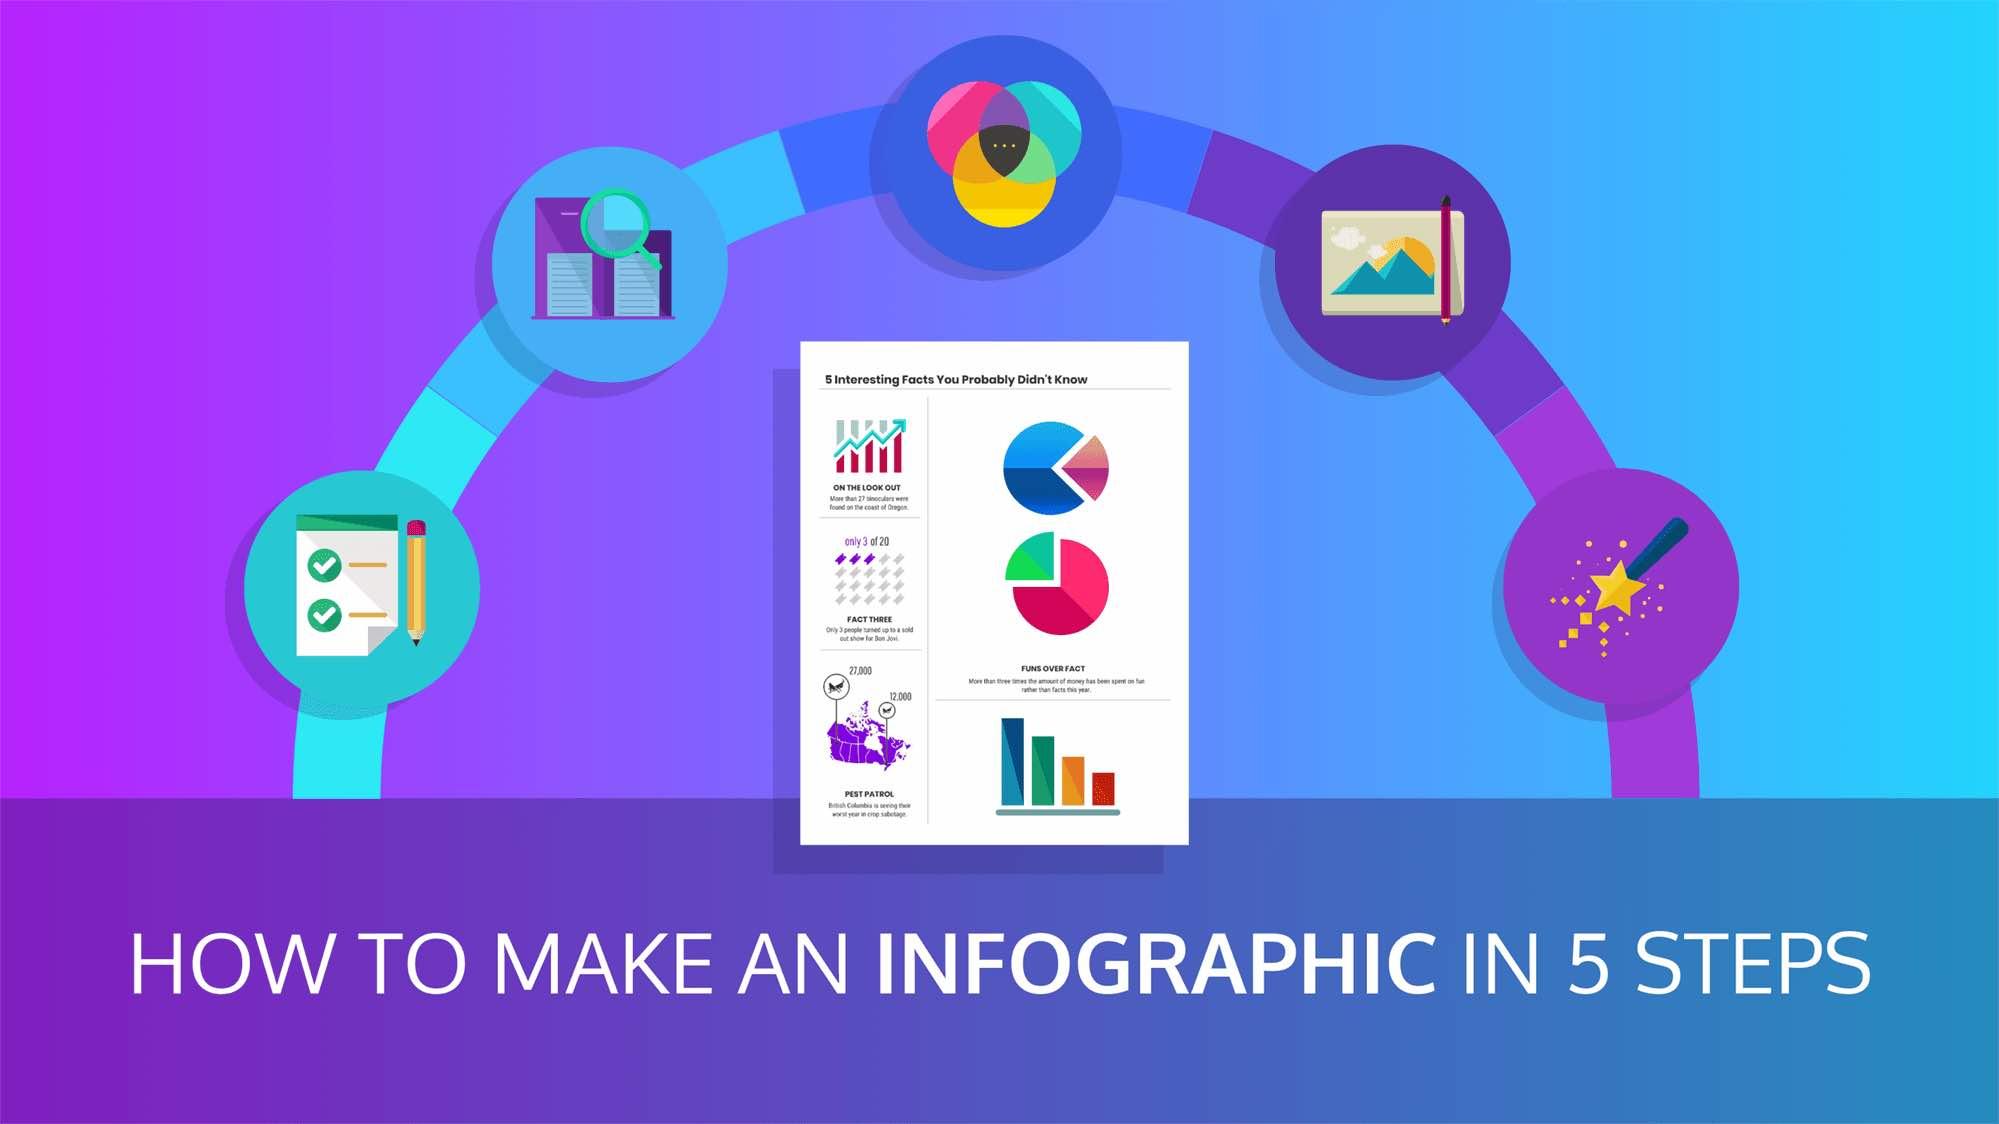 كيفية إنشاء تصميم إنفوجرافيك في خمس خطوات